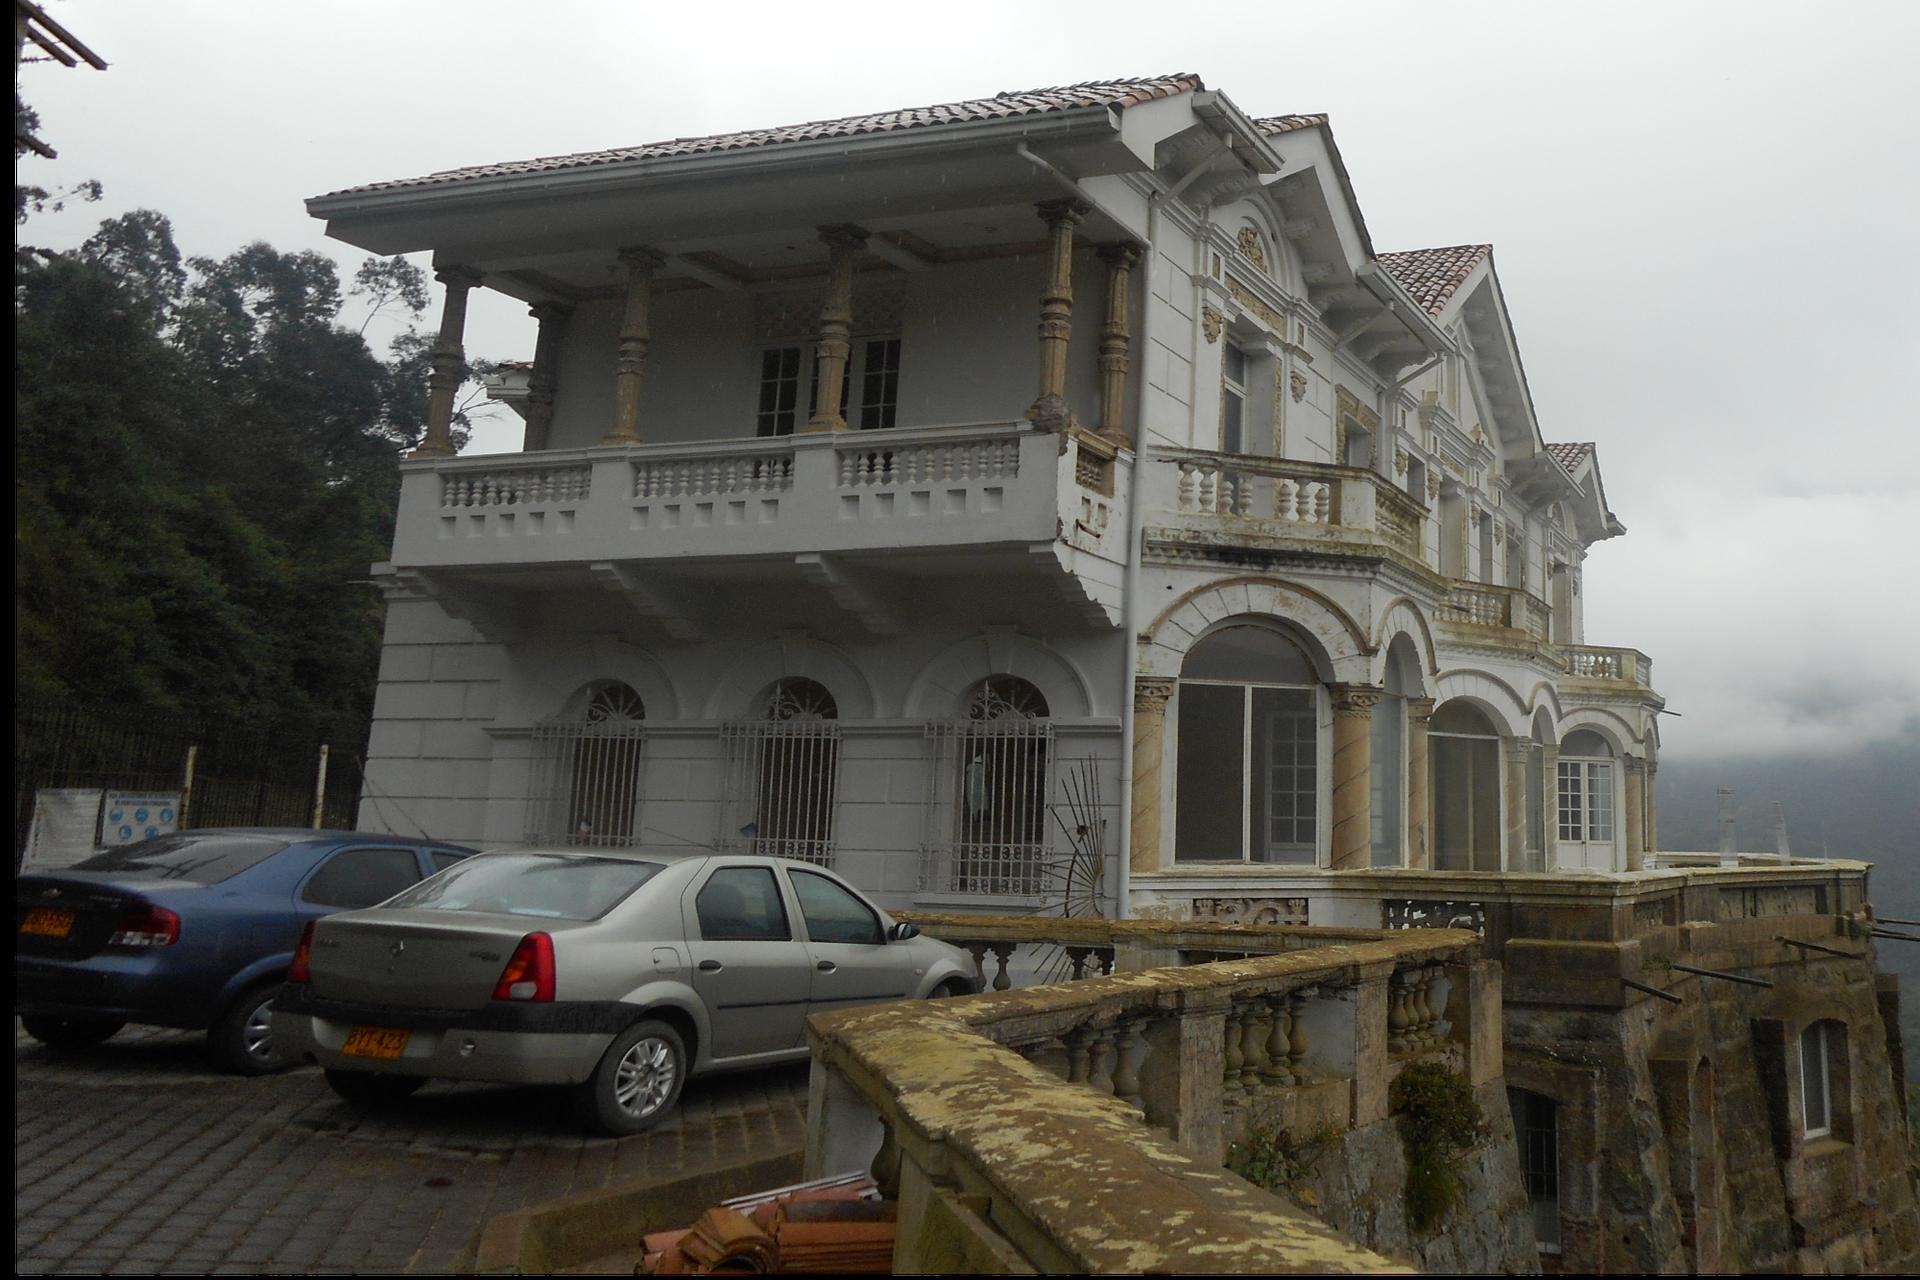 En 2009, la Fundación GEP se contactó con los propietarios del antiguo Hotel del Salto a quienes les propuso la iniciativa de restaurar el inmueble como Casa Museo Tequendama - Biodiversidad y Cultura.